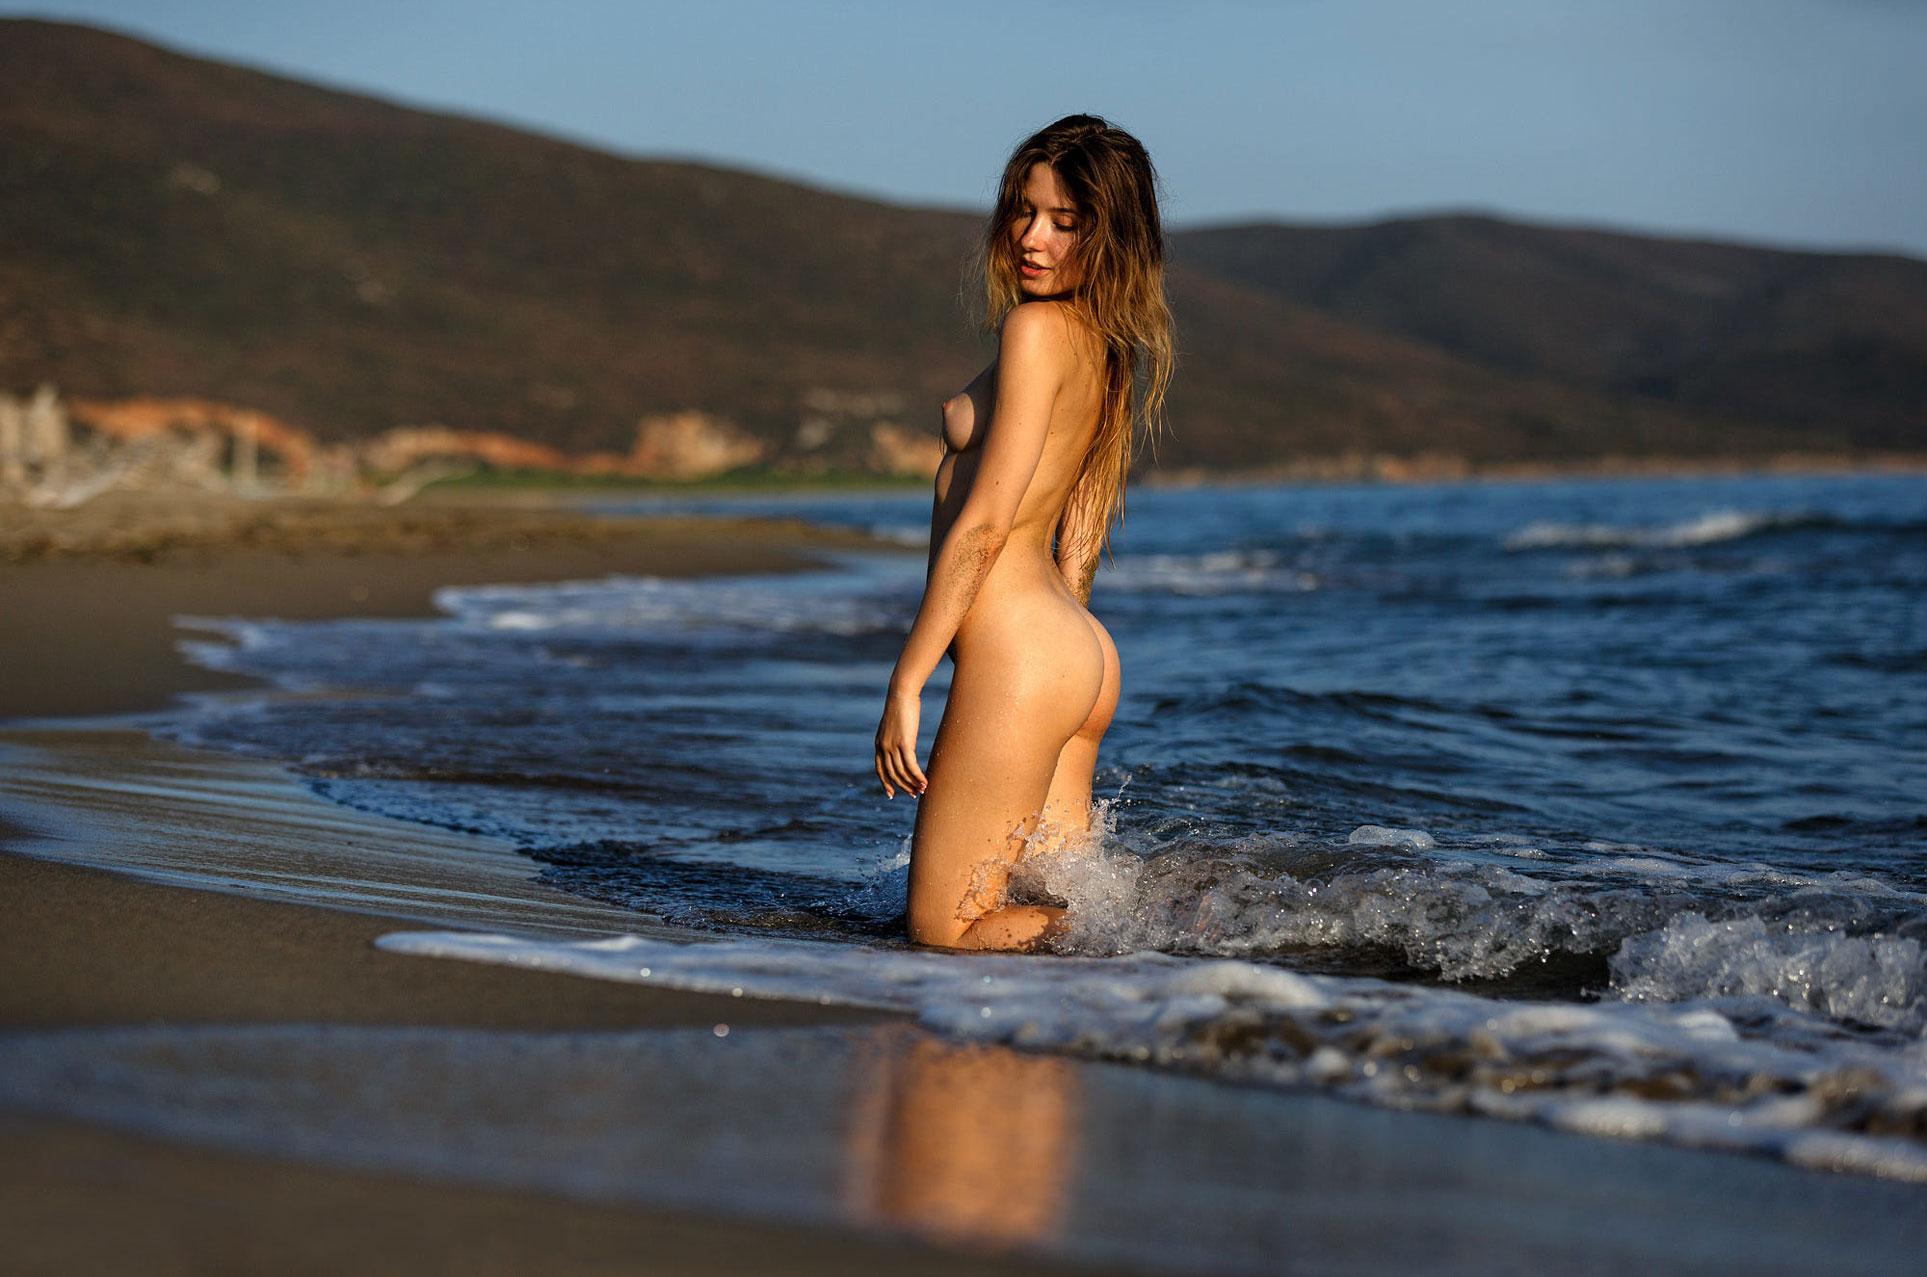 подборка фотографий сексуальных голых девушек - Ксения Кюфельд / Ksenia Kufeld